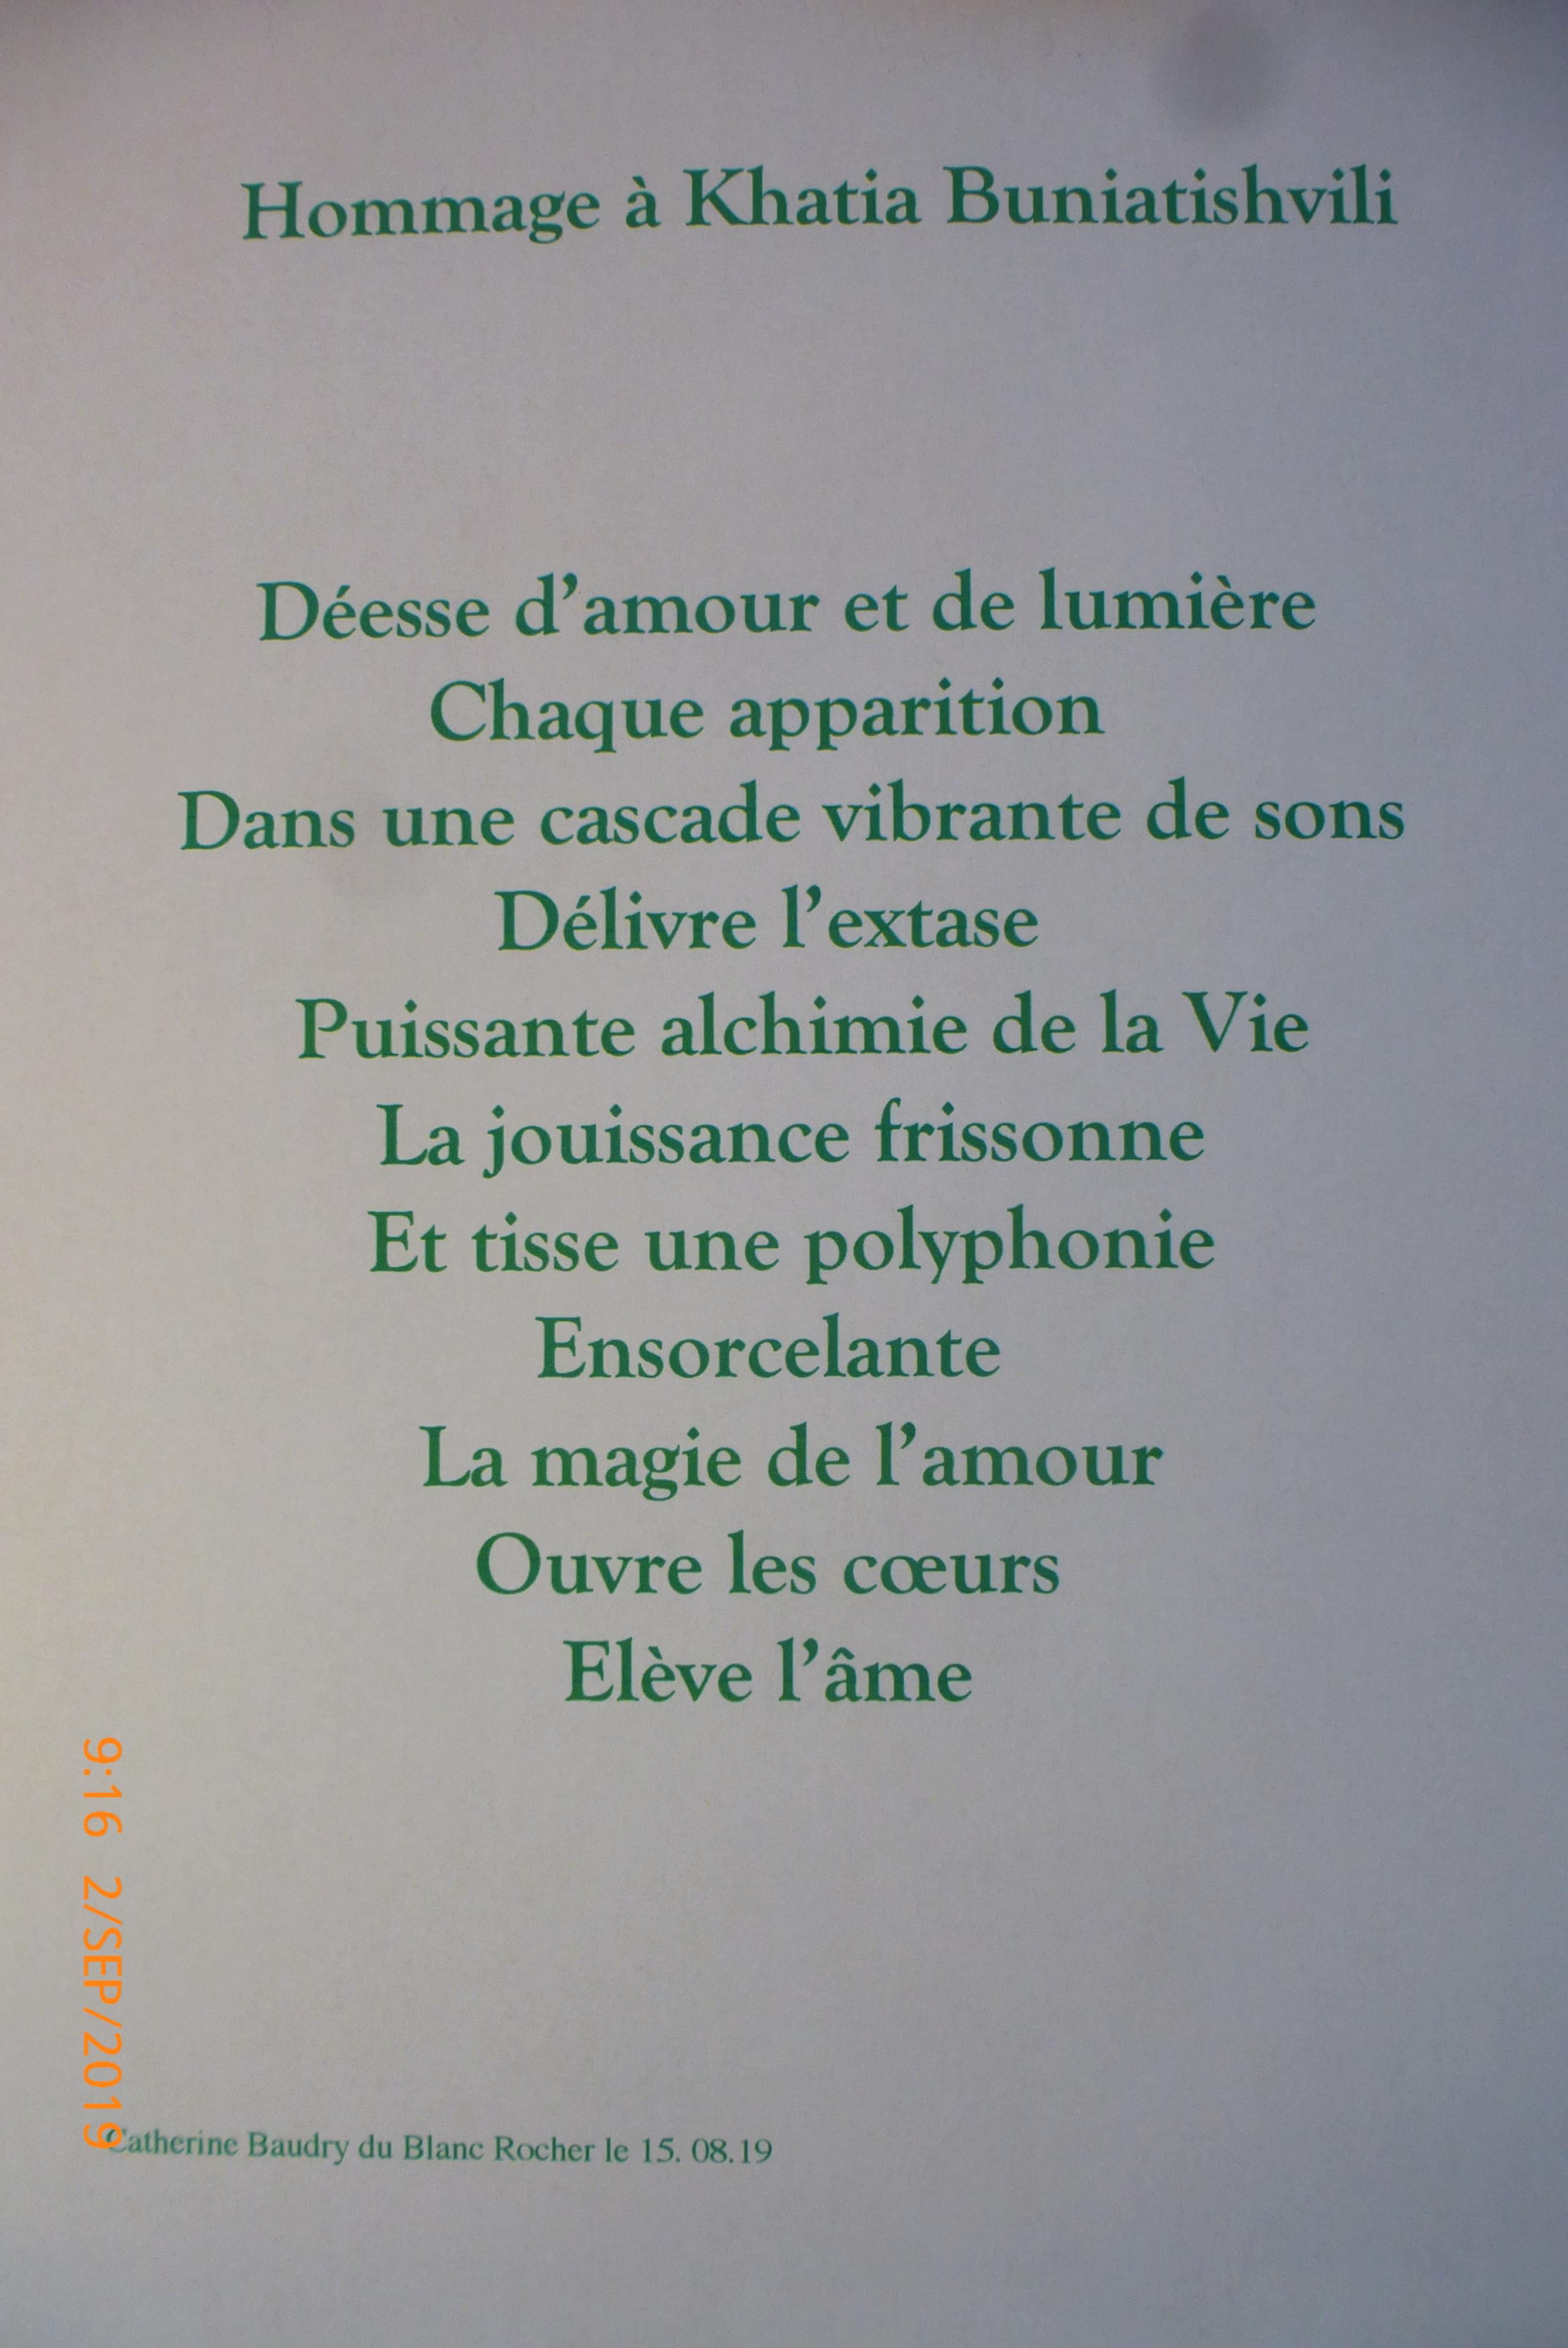 image poesie